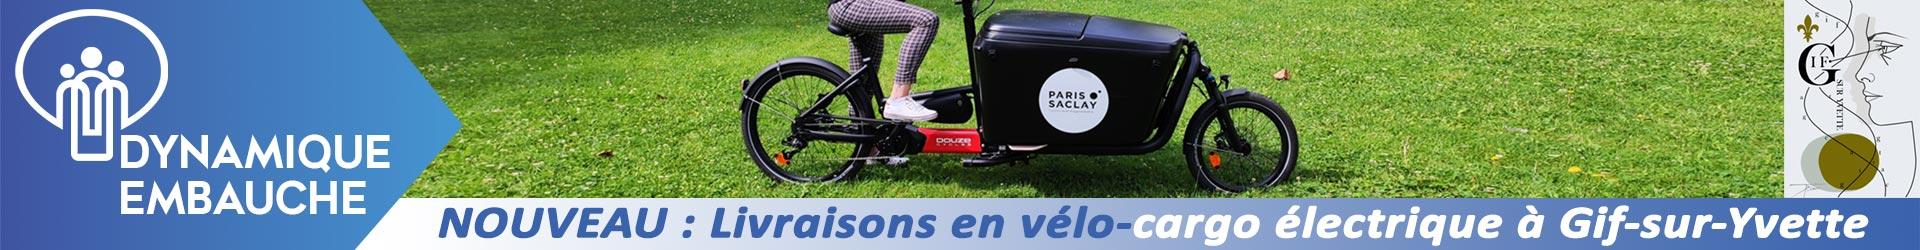 Nouveau : livraisons en vélo-cargo électrique à Gif-sur-Yvette. Cliquez ici pour plus d'informations.